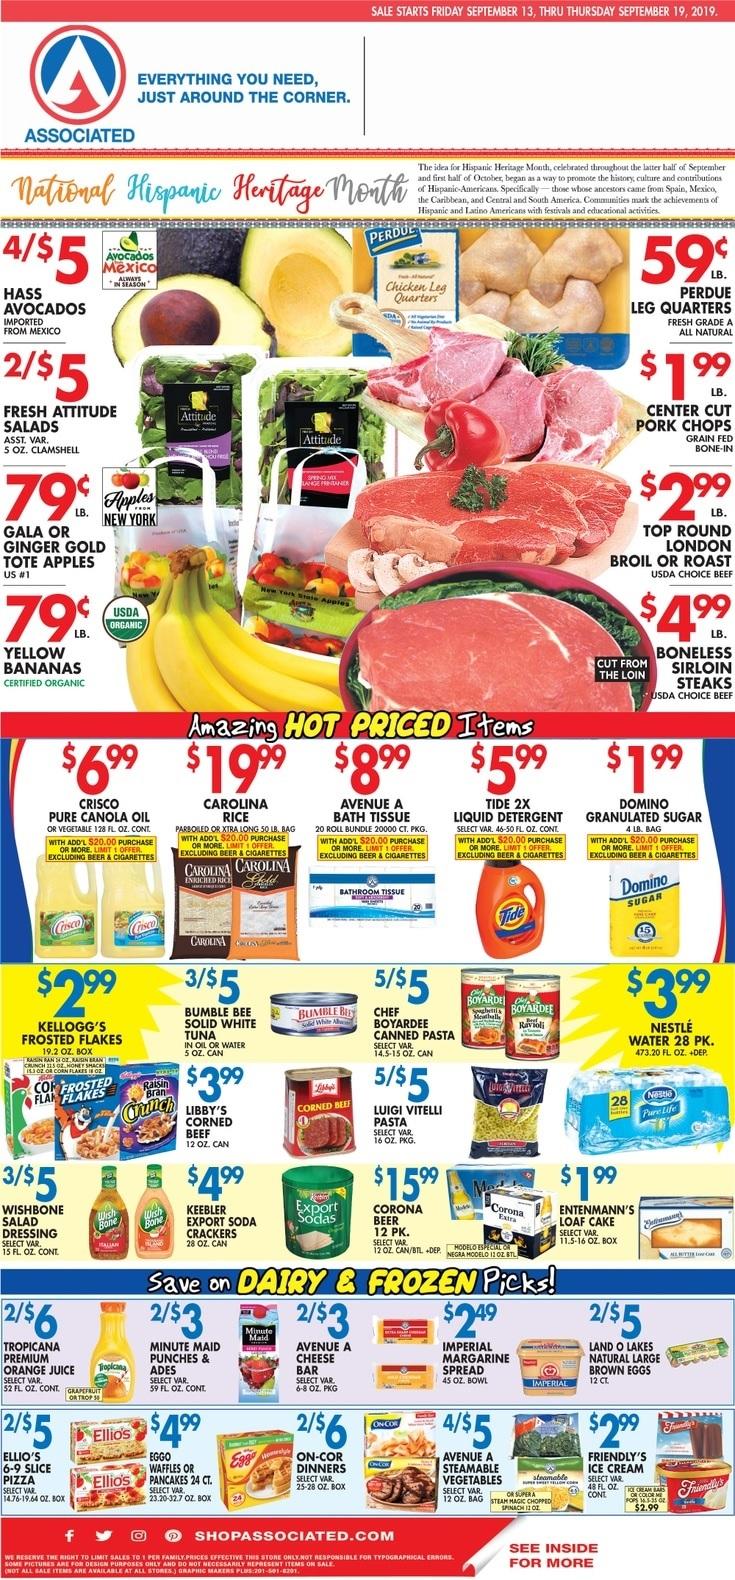 ⭐ Associated Supermarkets Circular 9/13/19